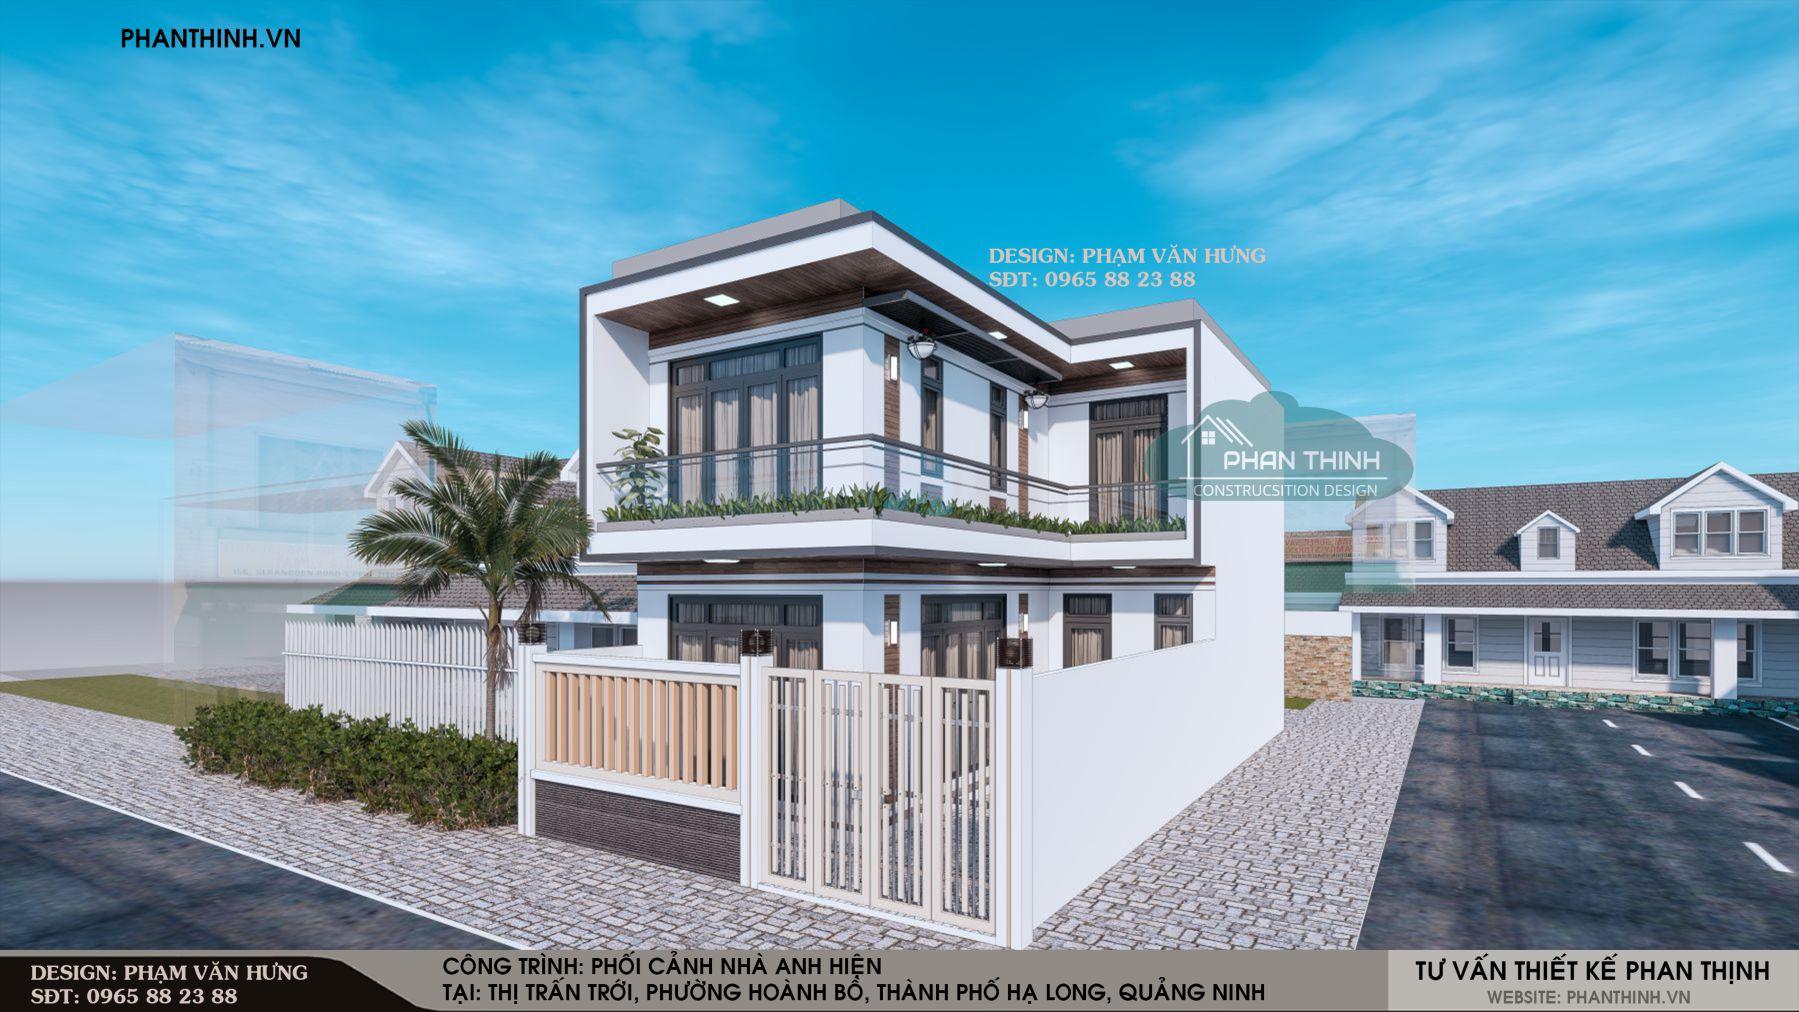 Thiết kế mặt tiền nhà ống 2 tầng, 2 mặt tiền tại phường Hoành Bồ, thành phố Hạ Long